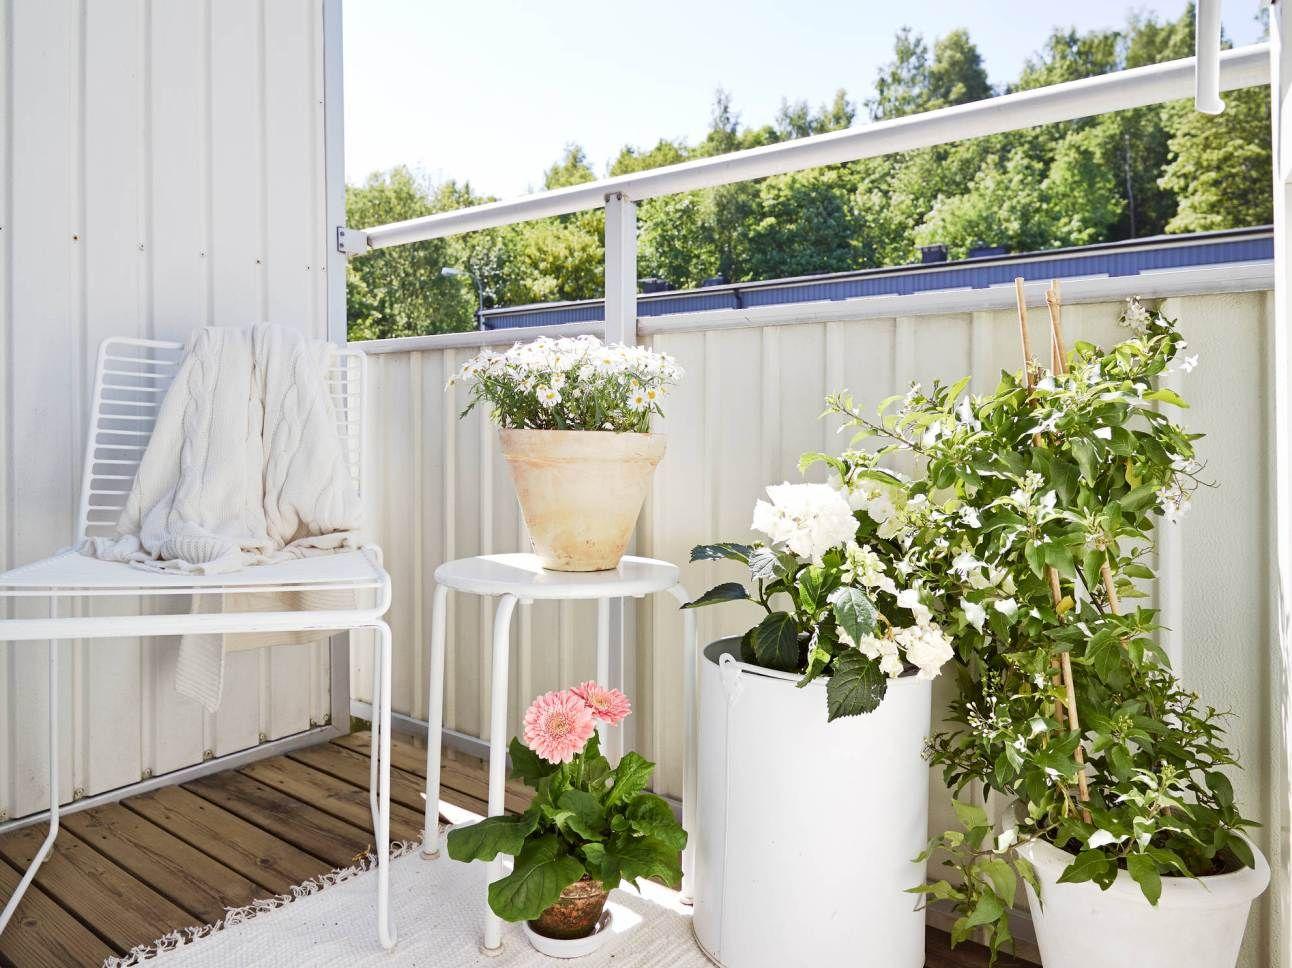 Epingle Par Marina Guenegues Sur Deco Decor De Balcon Amenager Balcon Balcon